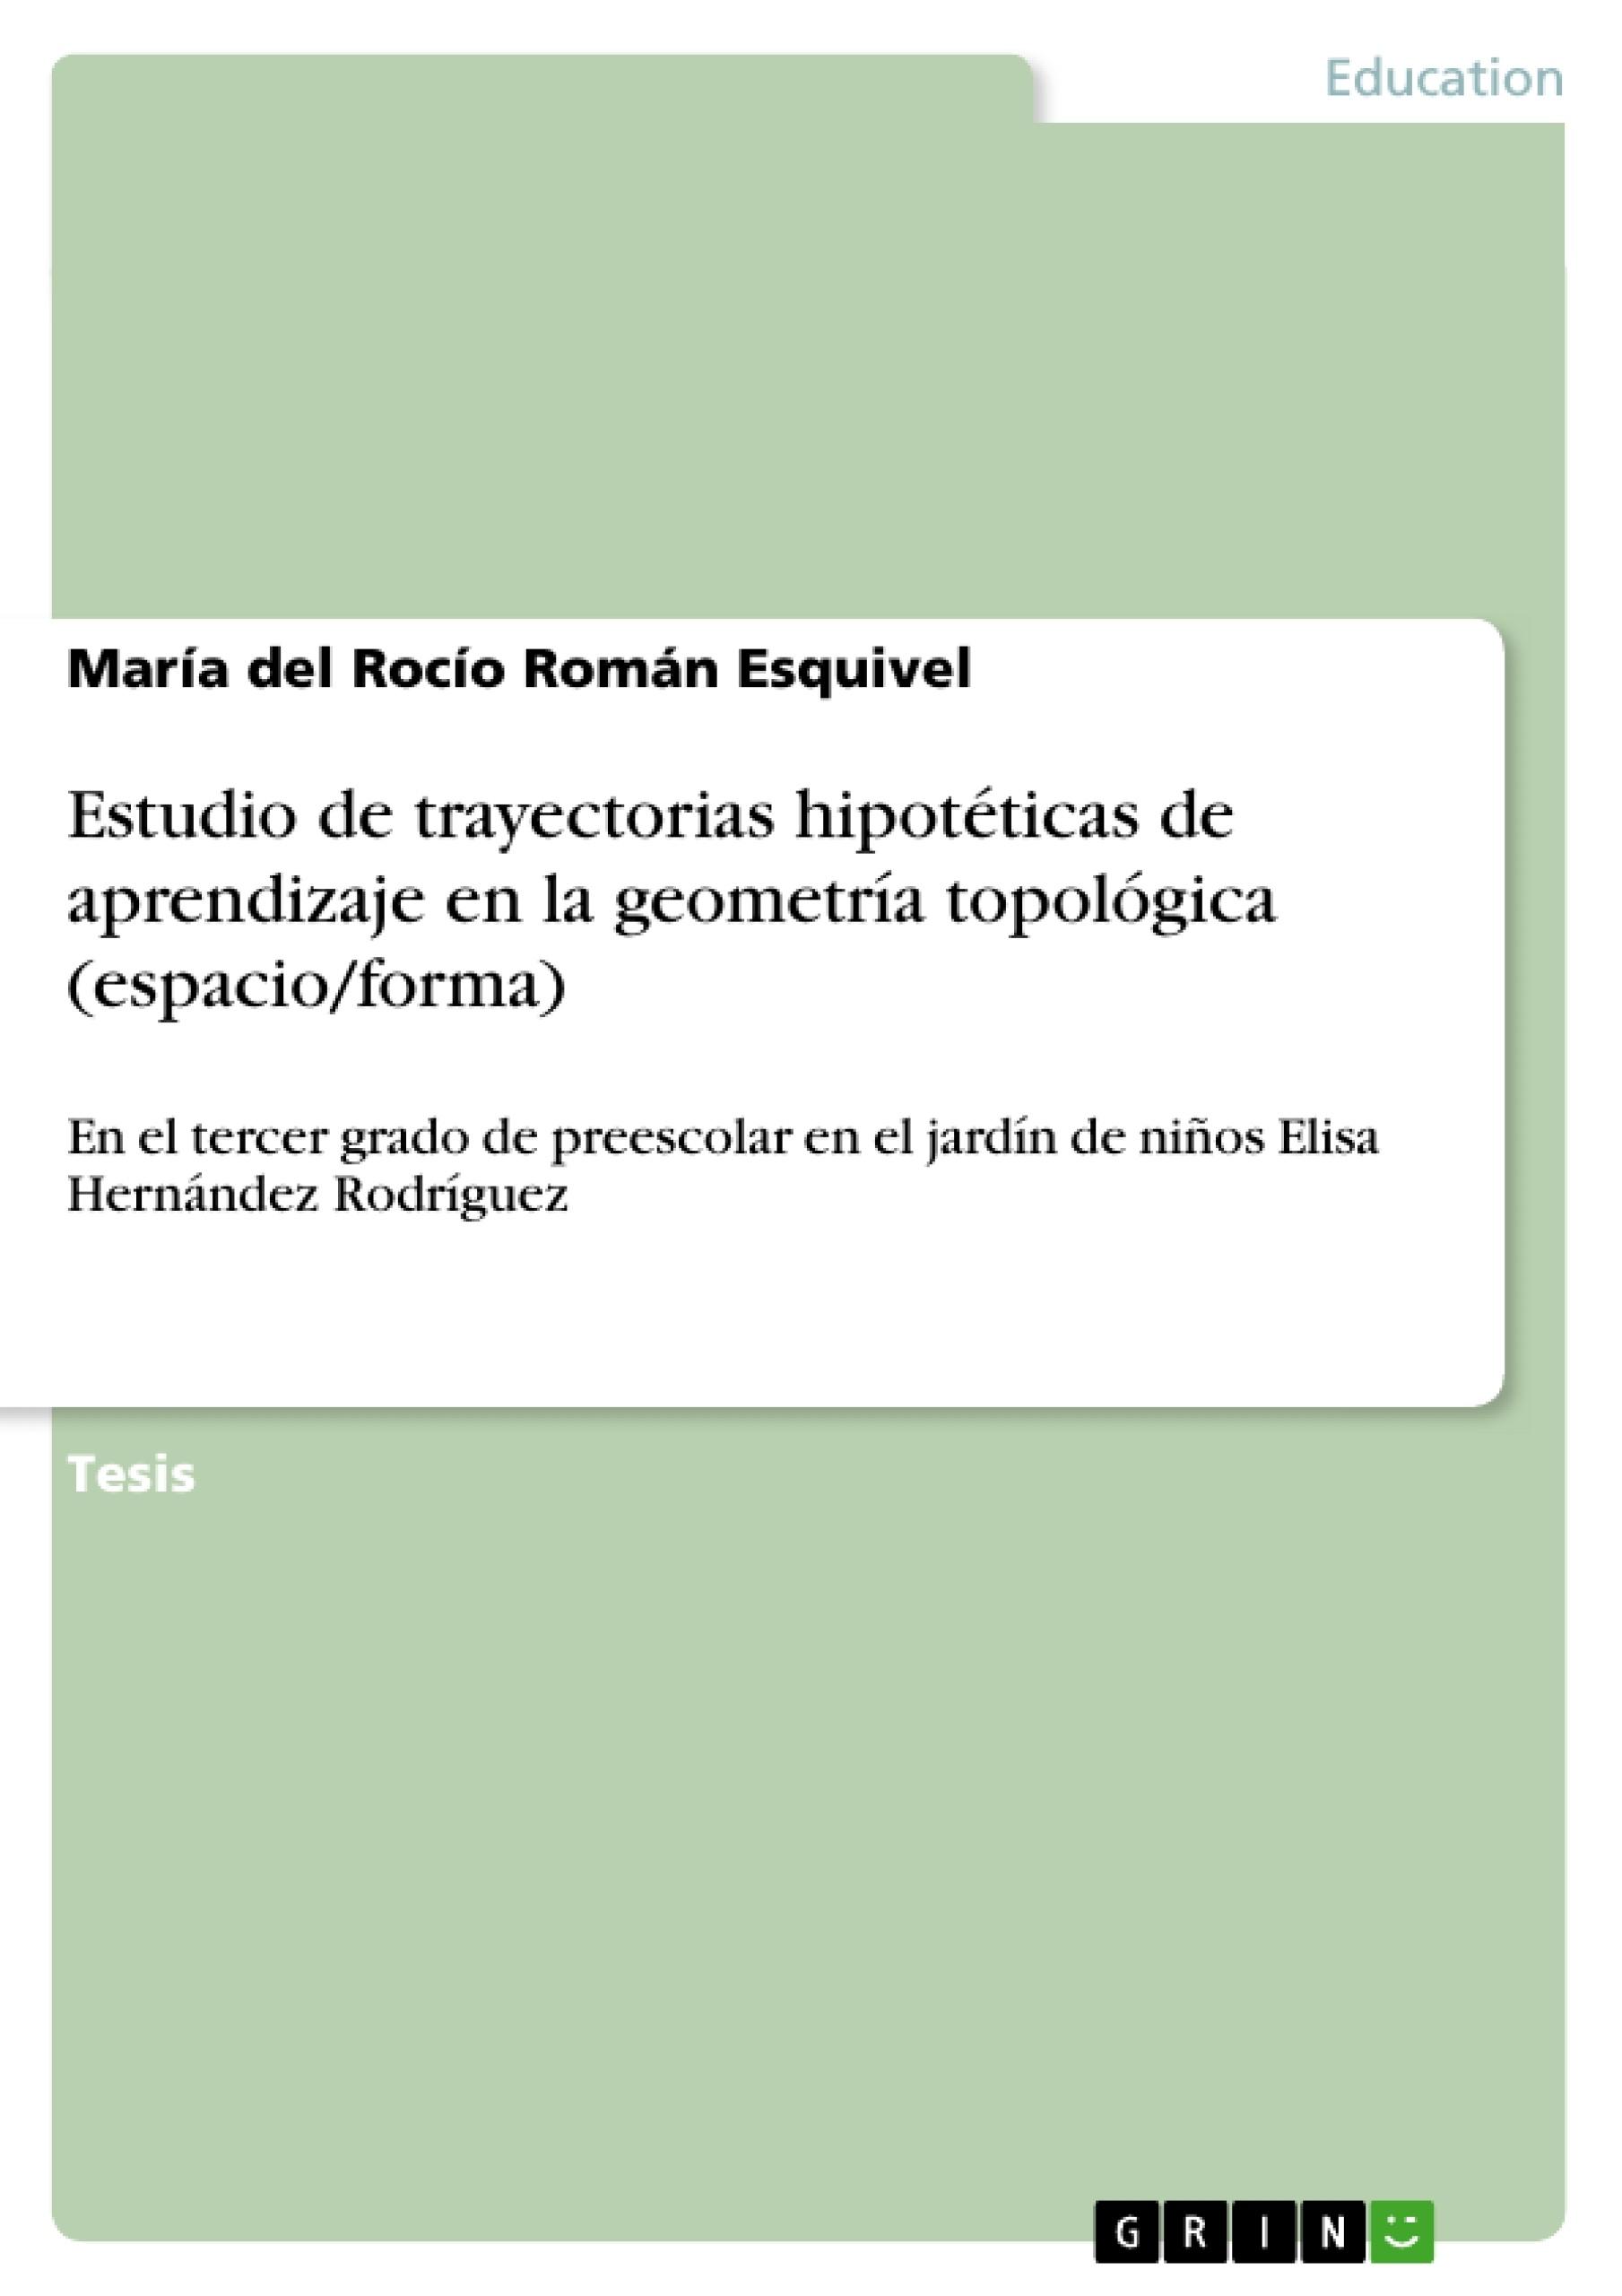 Título: Estudio de trayectorias hipotéticas de aprendizaje en la geometría topológica (espacio/forma)